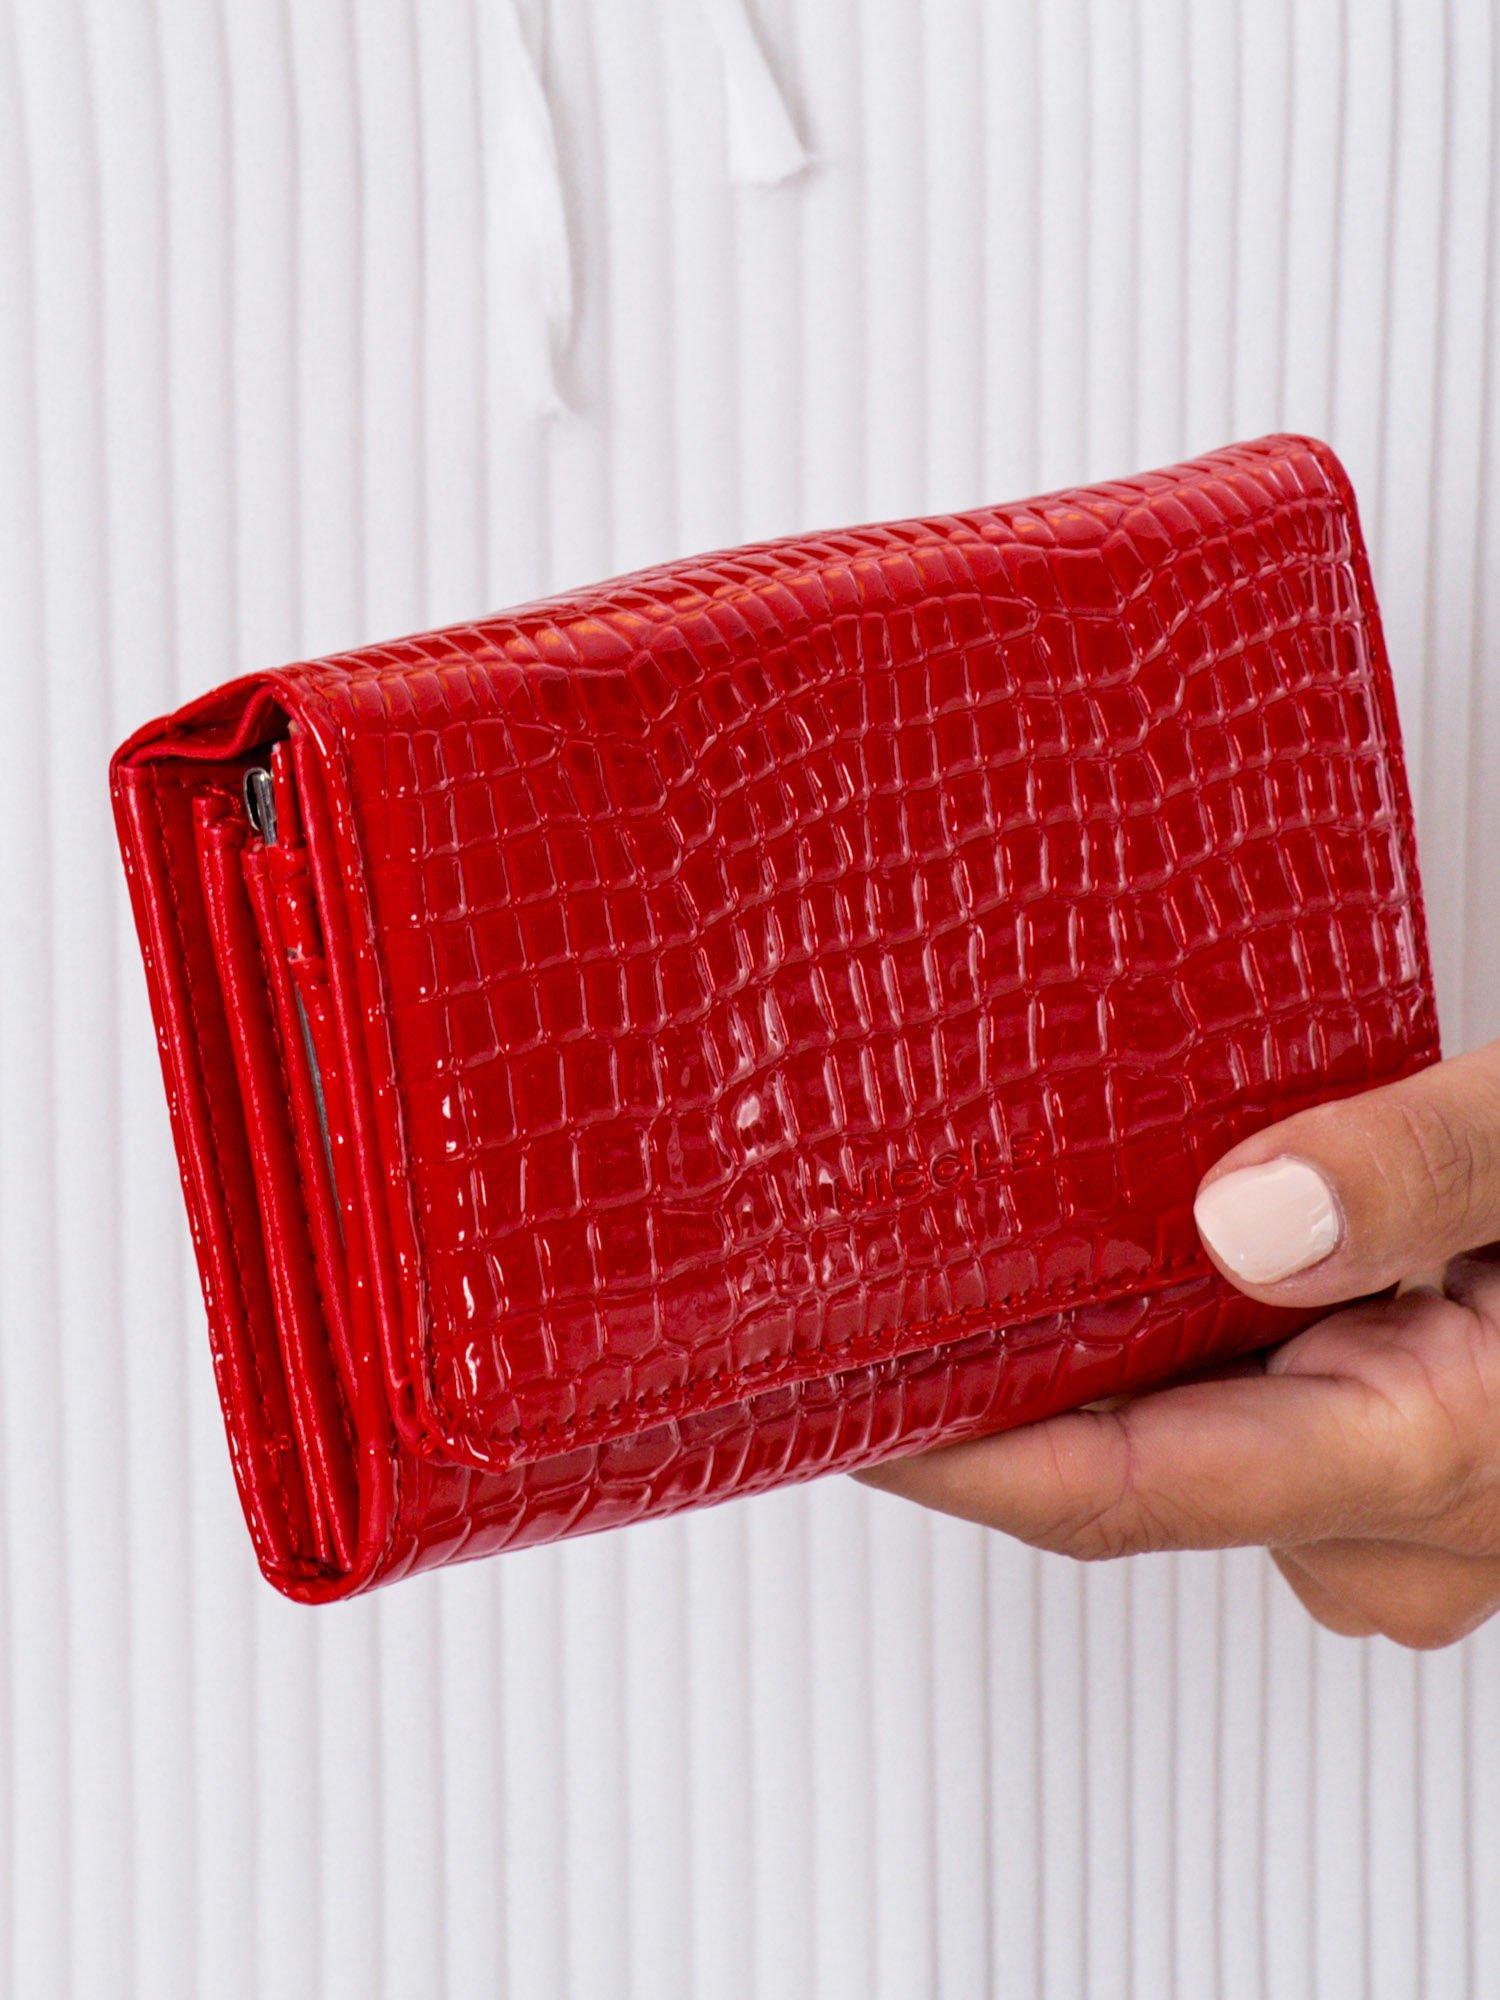 d5d08ad49 Czerwony tłoczony portfel z ekoskóry - Akcesoria portfele - sklep ...